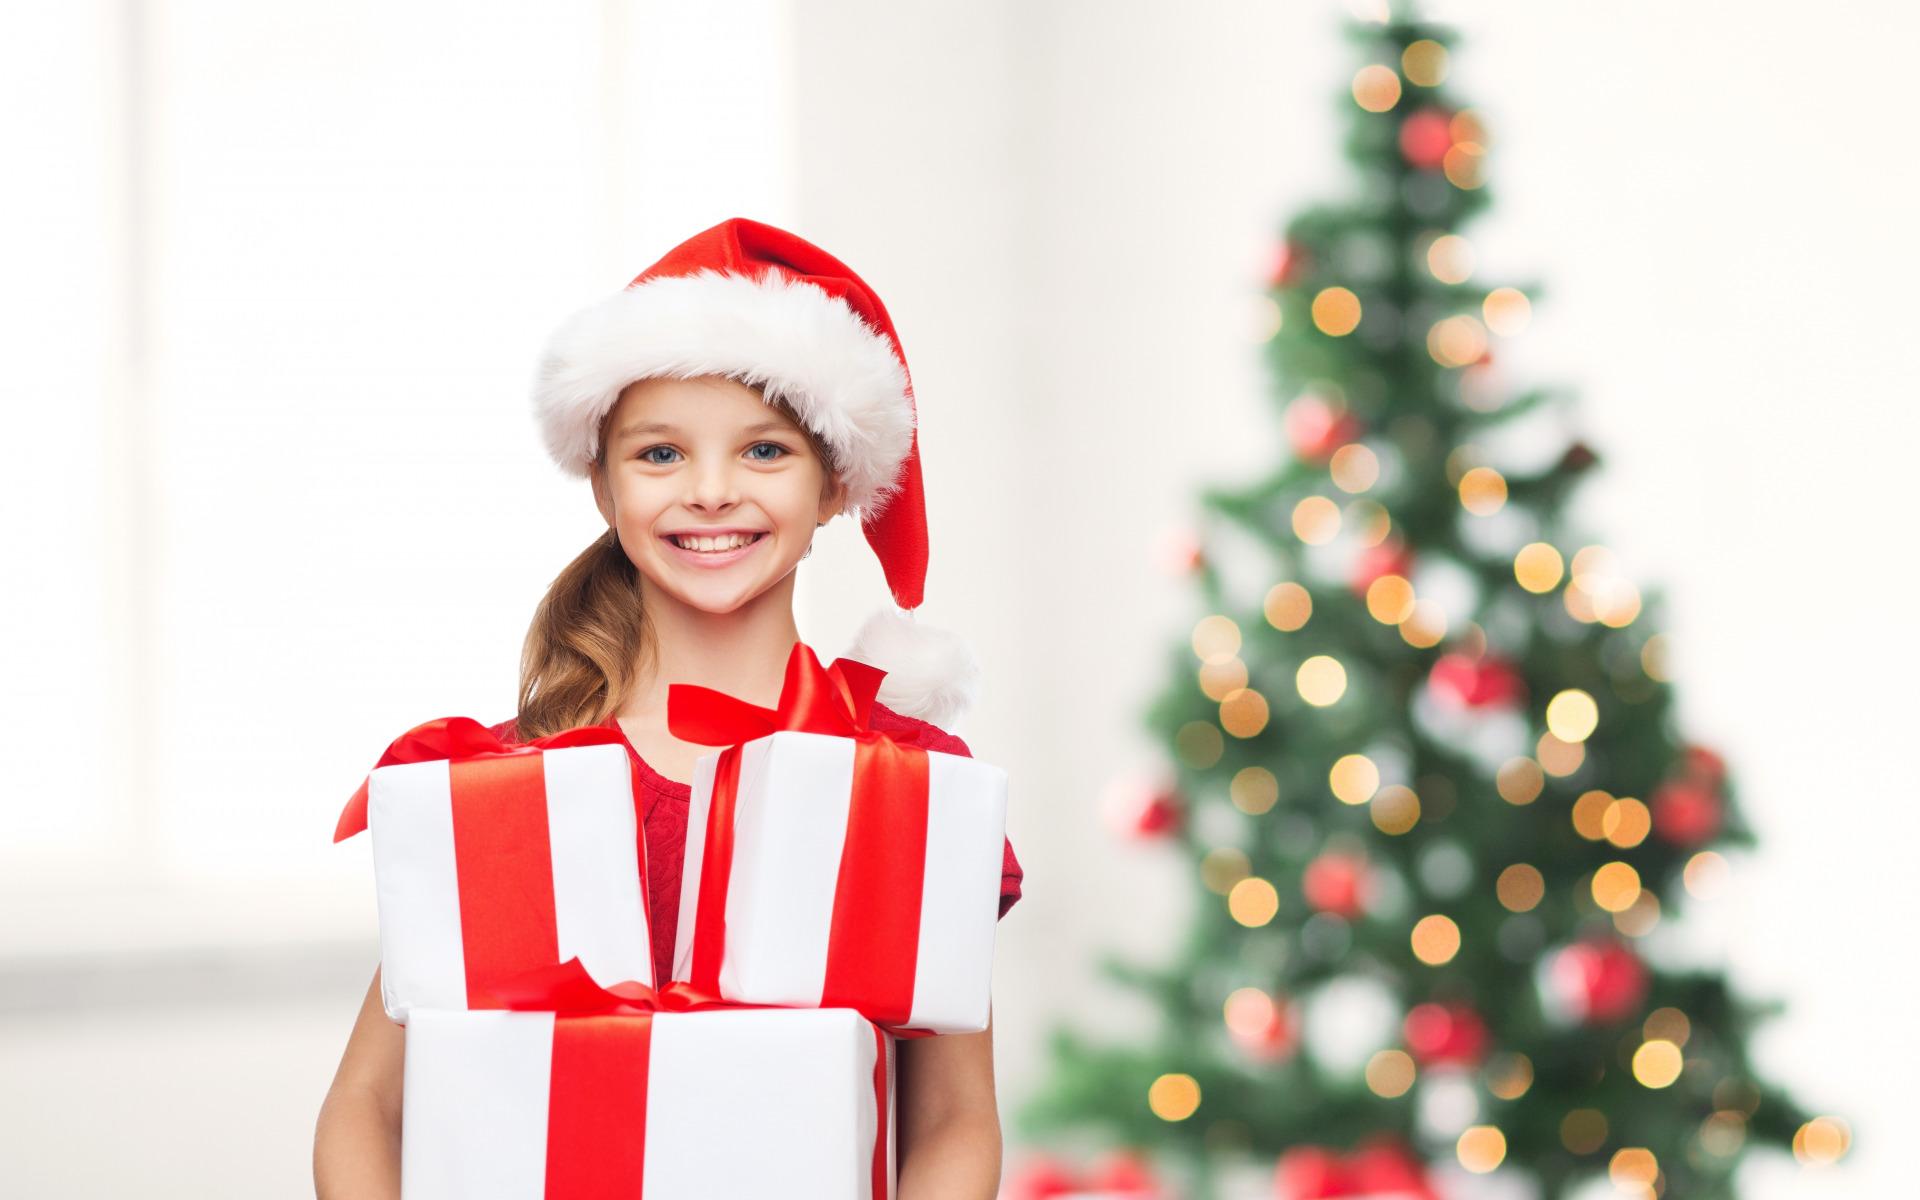 Сладкие новогодние подарки - лучший выбор для детей